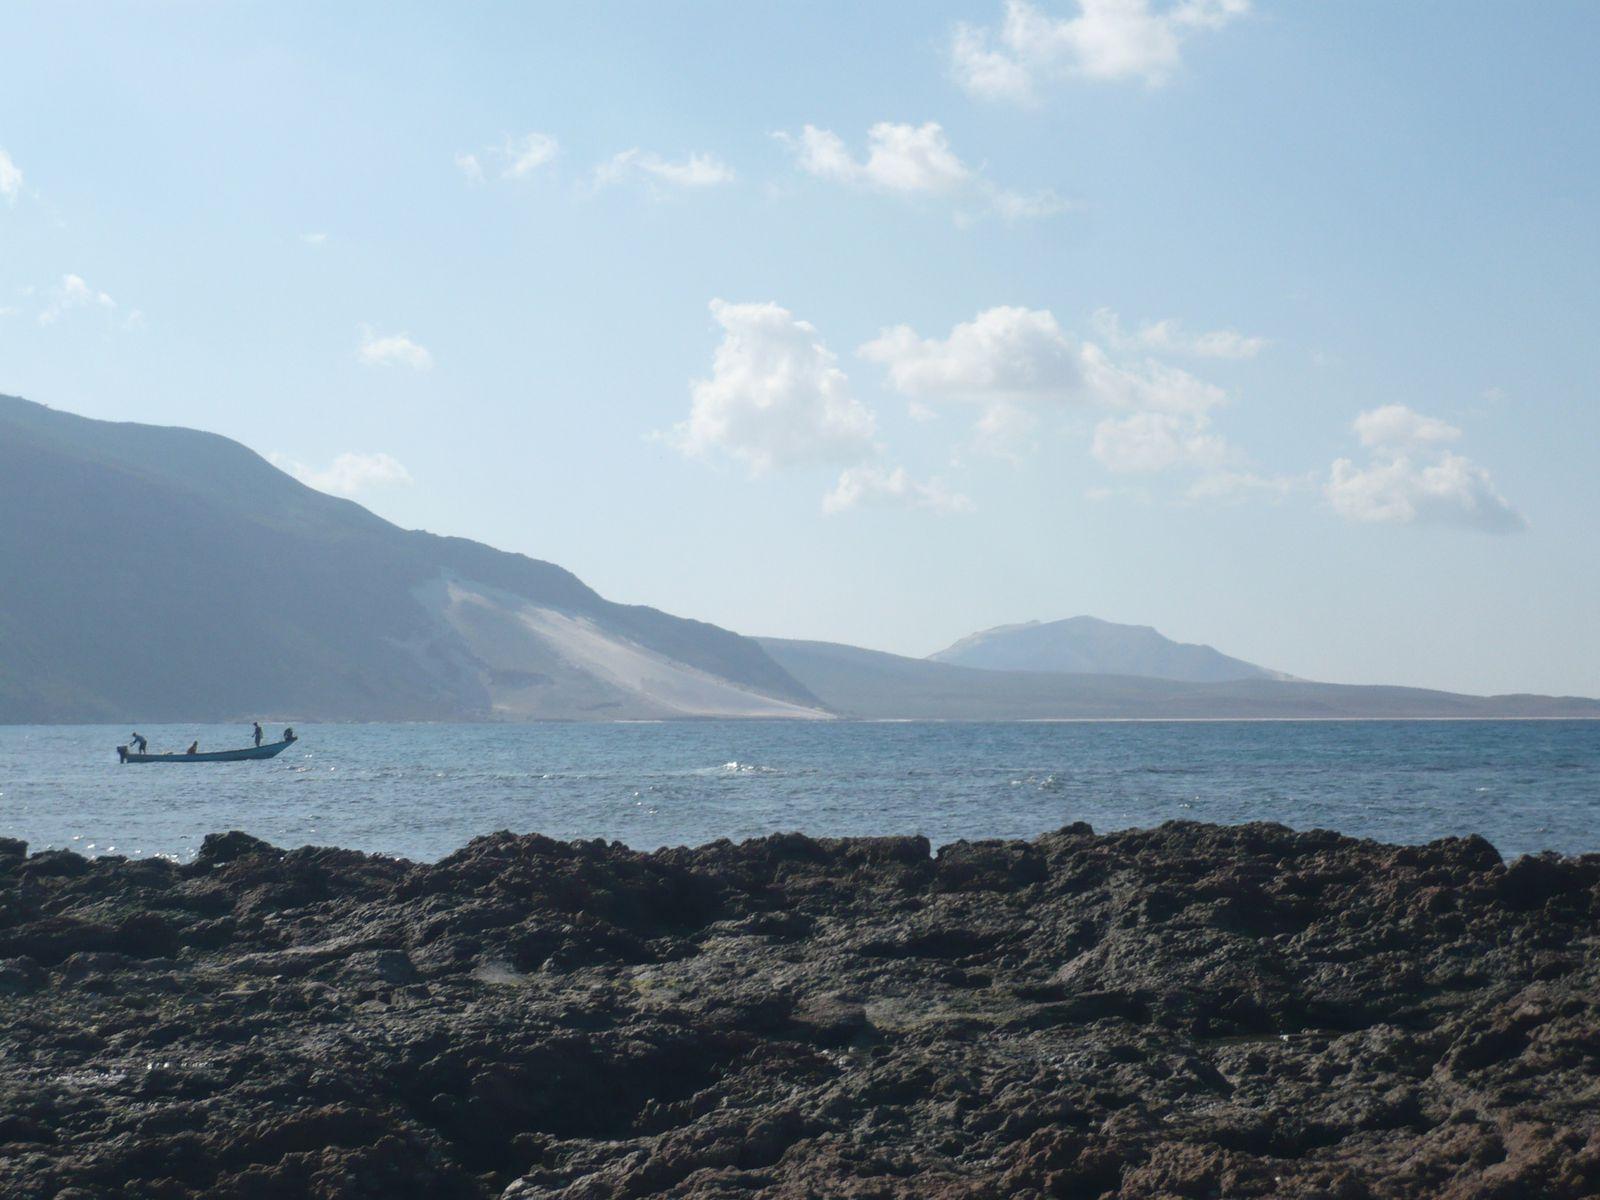 Di-Hamri : les deux collines, le centre de plongée, l'éco-camping, l'aire marine protégée, etc.